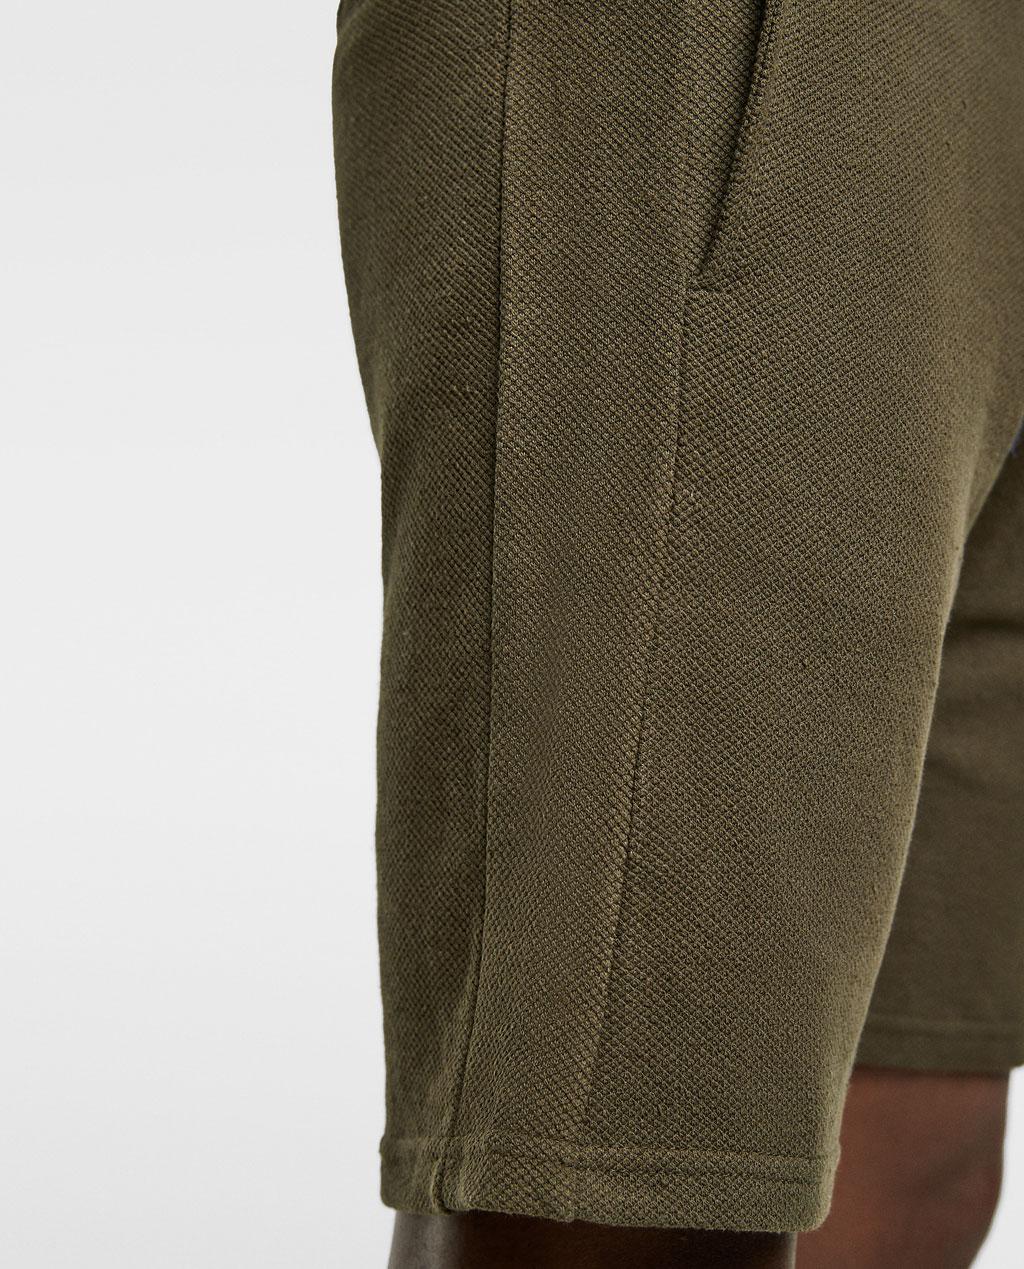 Thời trang nam Zara  24137 - ảnh 7